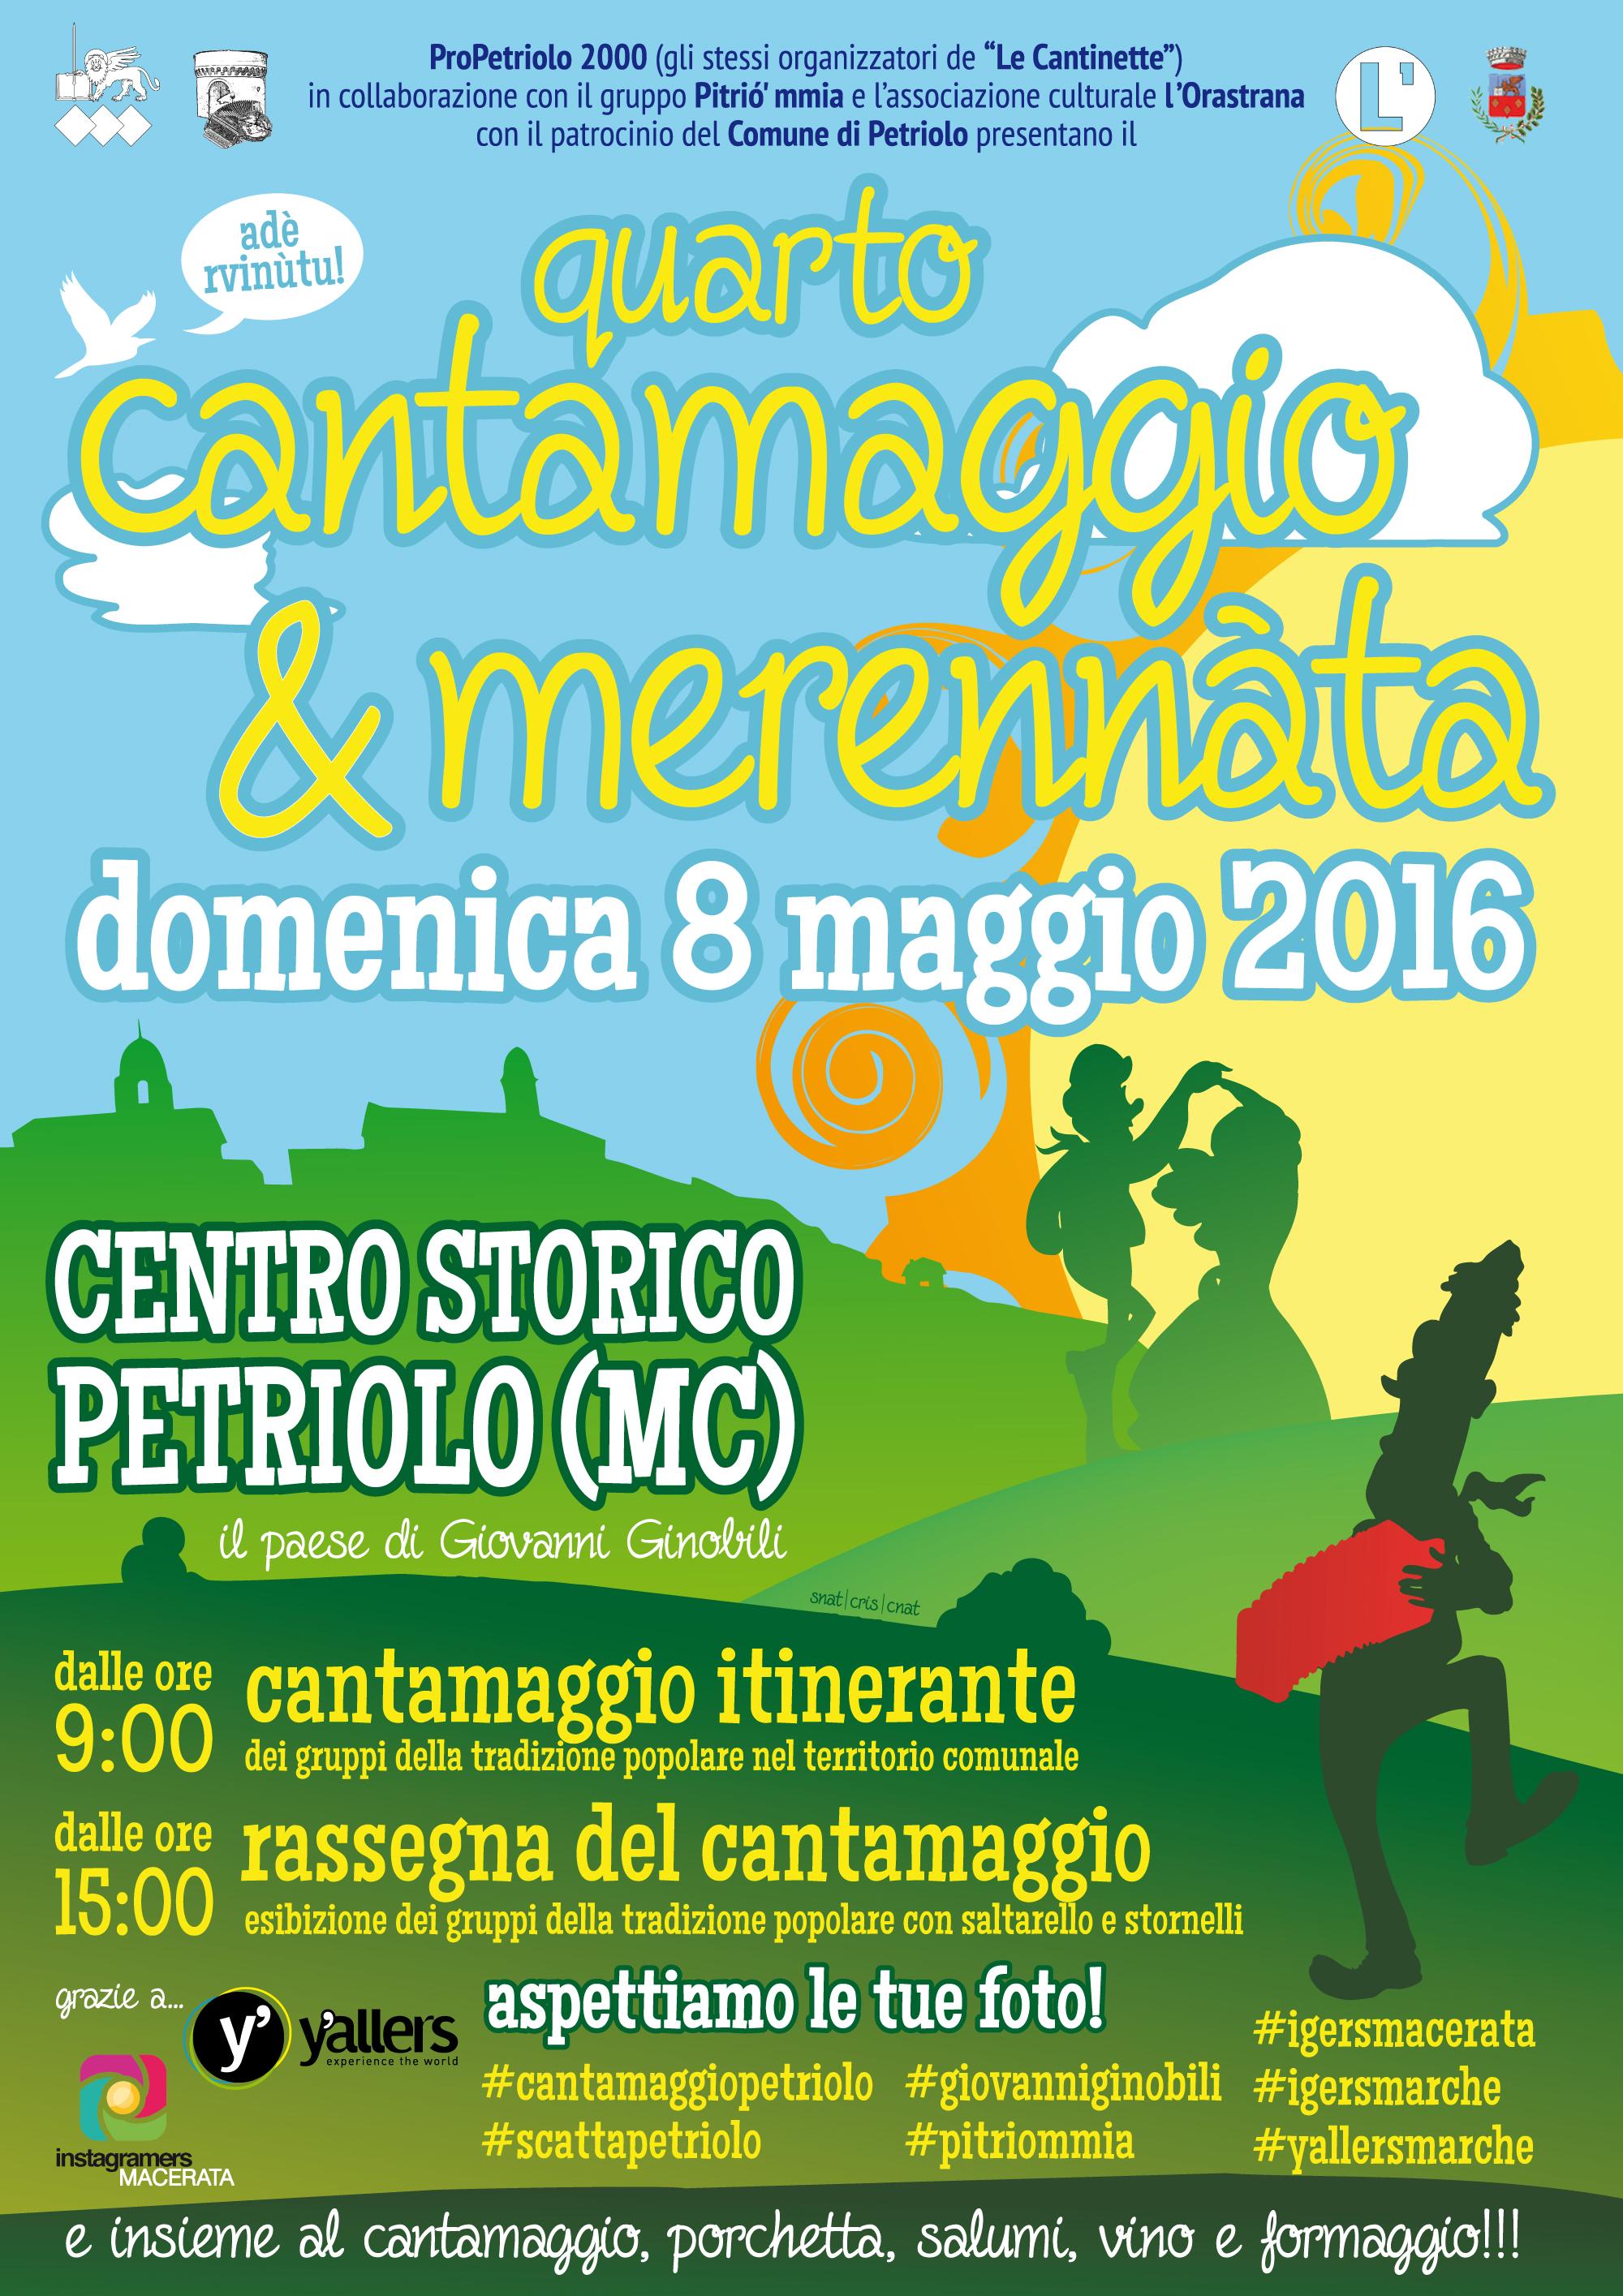 Quarto Cantamaggio di Petriolo (Macerata) – domenica 8 maggio 2016 (clicca per ingrandire)